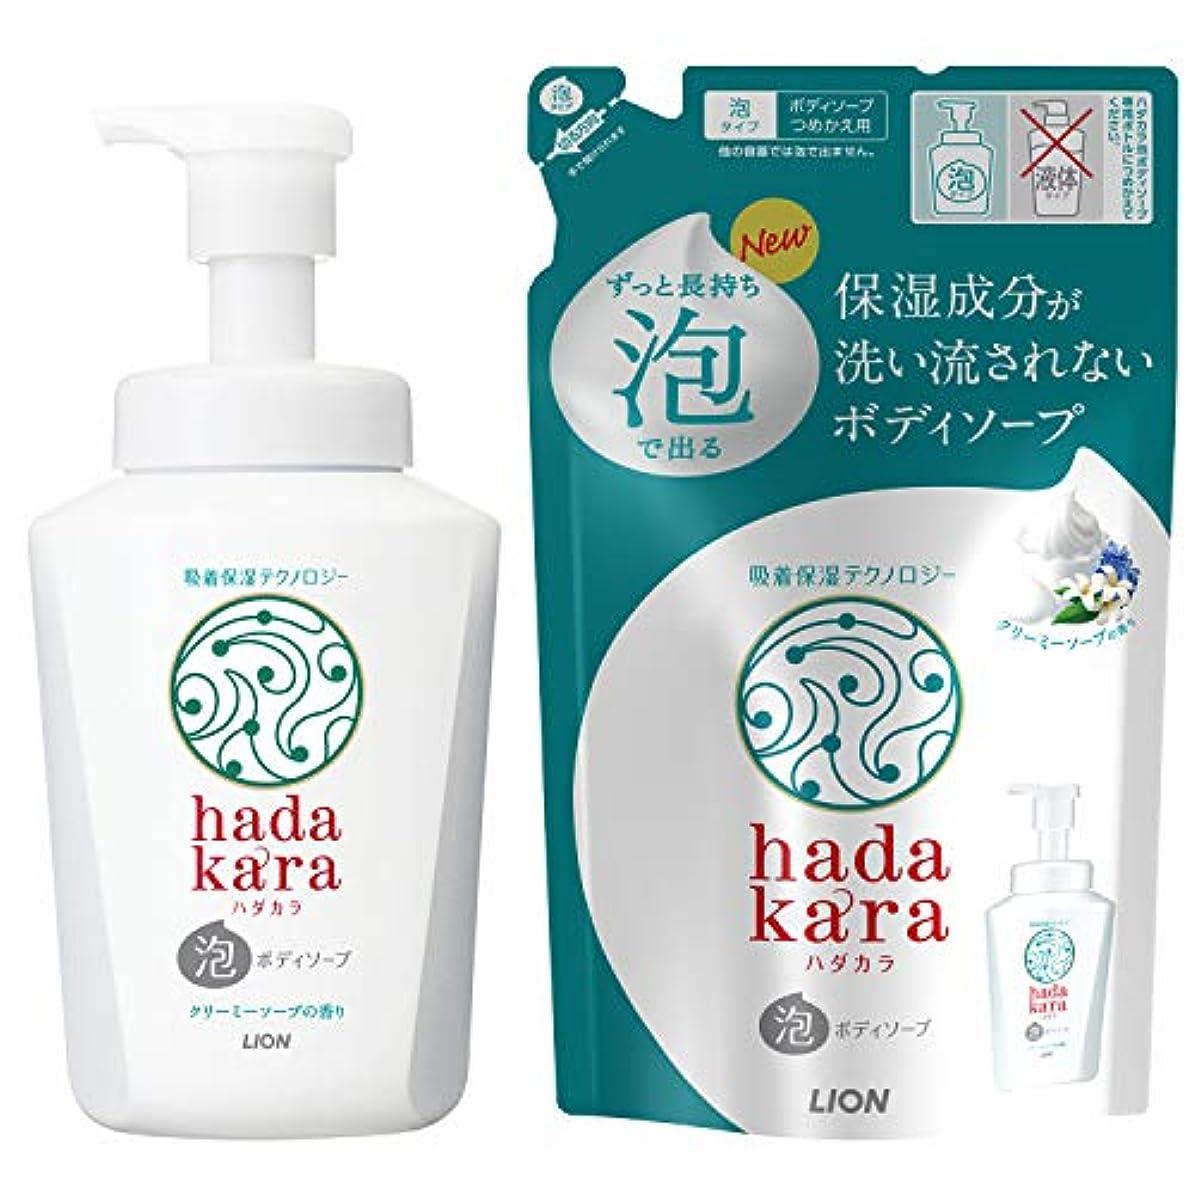 ひそかにゆでる排除hadakara(ハダカラ) ボディソープ 泡タイプ クリーミーソープの香り 本体550ml+詰替440ml